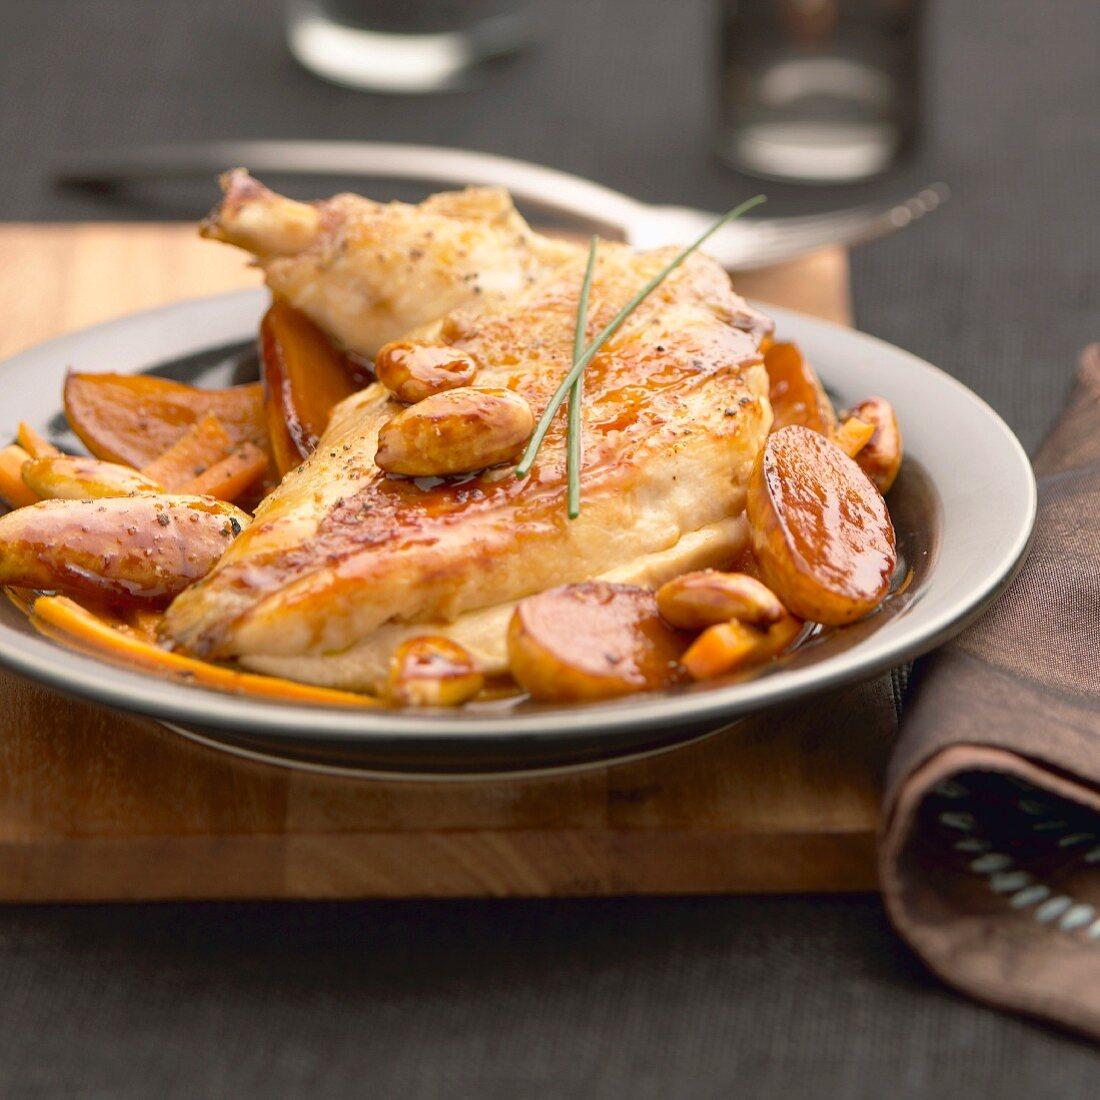 Ancenis-Hähnchen mit Kartoffeln, Karotten und Mandeln